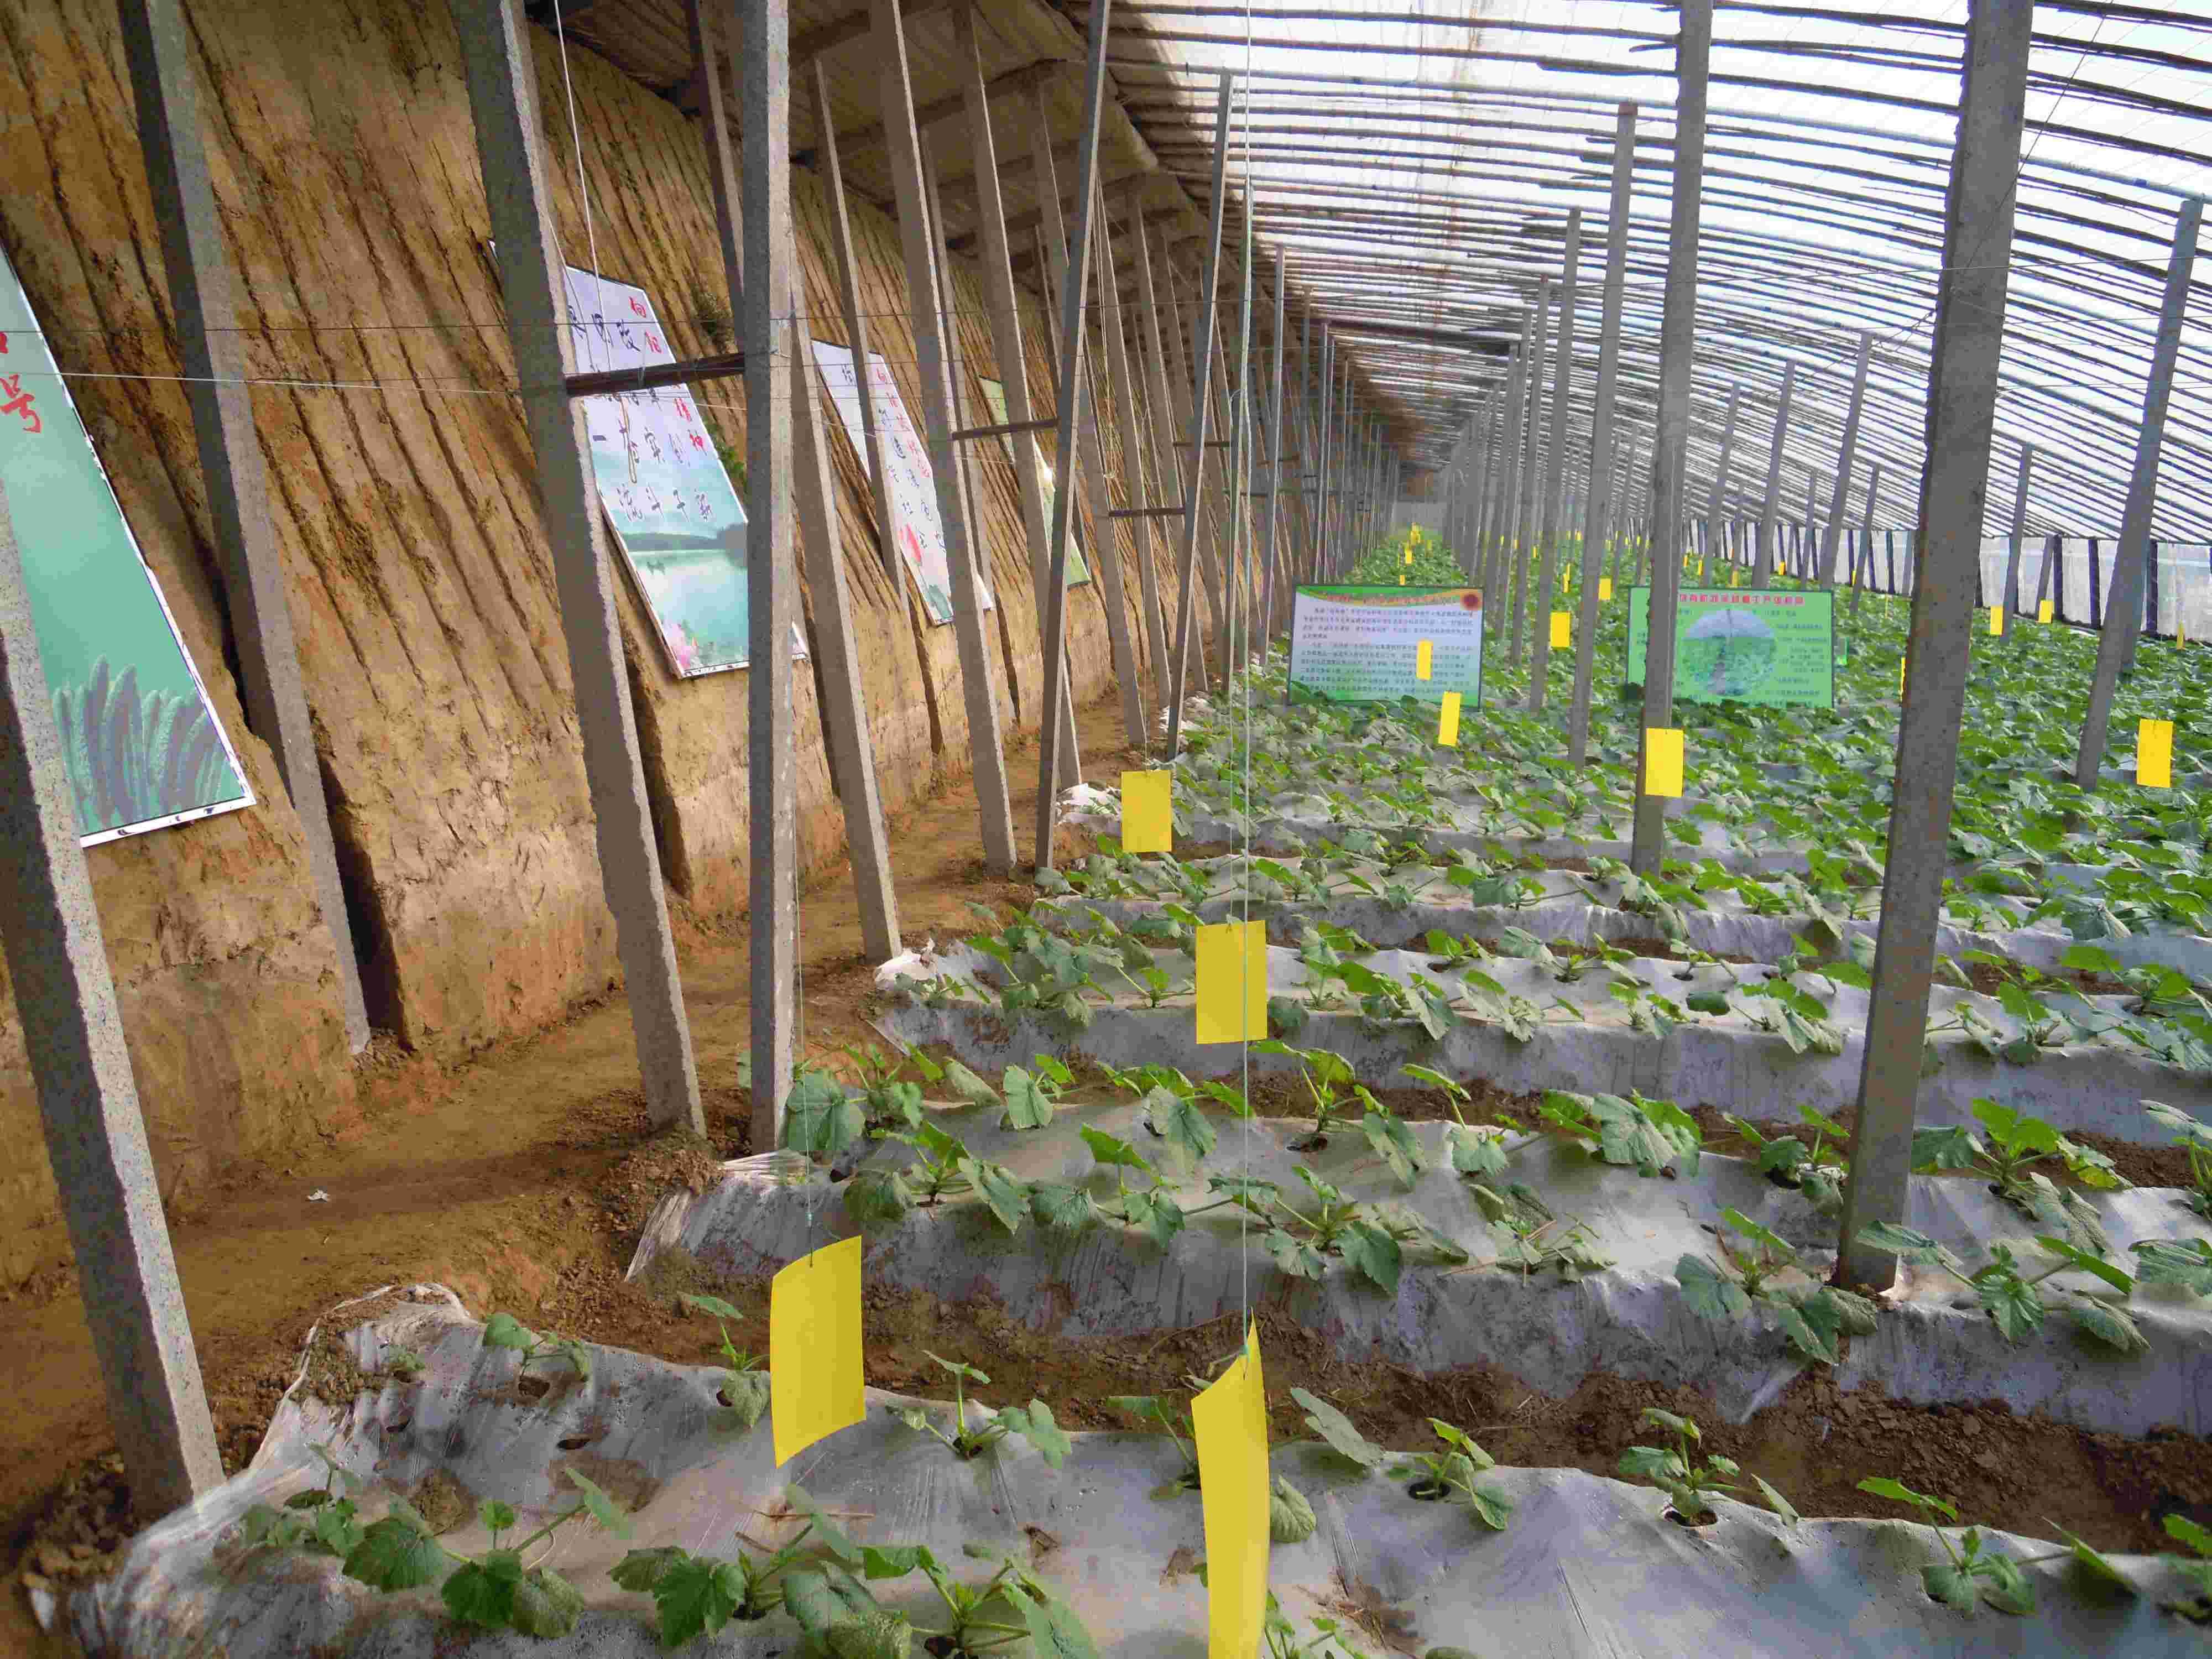 农场简介:山东(禹城)向阳坡生态农业科技示范园,是集蔬菜生产、加工、销售、新品种引进、技术培训与咨询服务为一体的高标准生态农业科技示范园区。以打造现代农业,提升蔬菜品质为宗旨,依托禹城市大禹龙腾蔬菜种植专业合作社开发建设,拥有投资2800万元、占地1200亩的自营农场有机蔬菜生产基地,属国家有机农业生产体系重要组成部分和科研开发孵化器。 山东(禹城)向阳坡生态农业科技示范园拥有高标准日光温室大棚、拱棚、现代化育苗厂、蔬菜品质检验室等科研生产设施。示范园区区位优越南融省会济南经济圈,北接环渤海蓝色开发